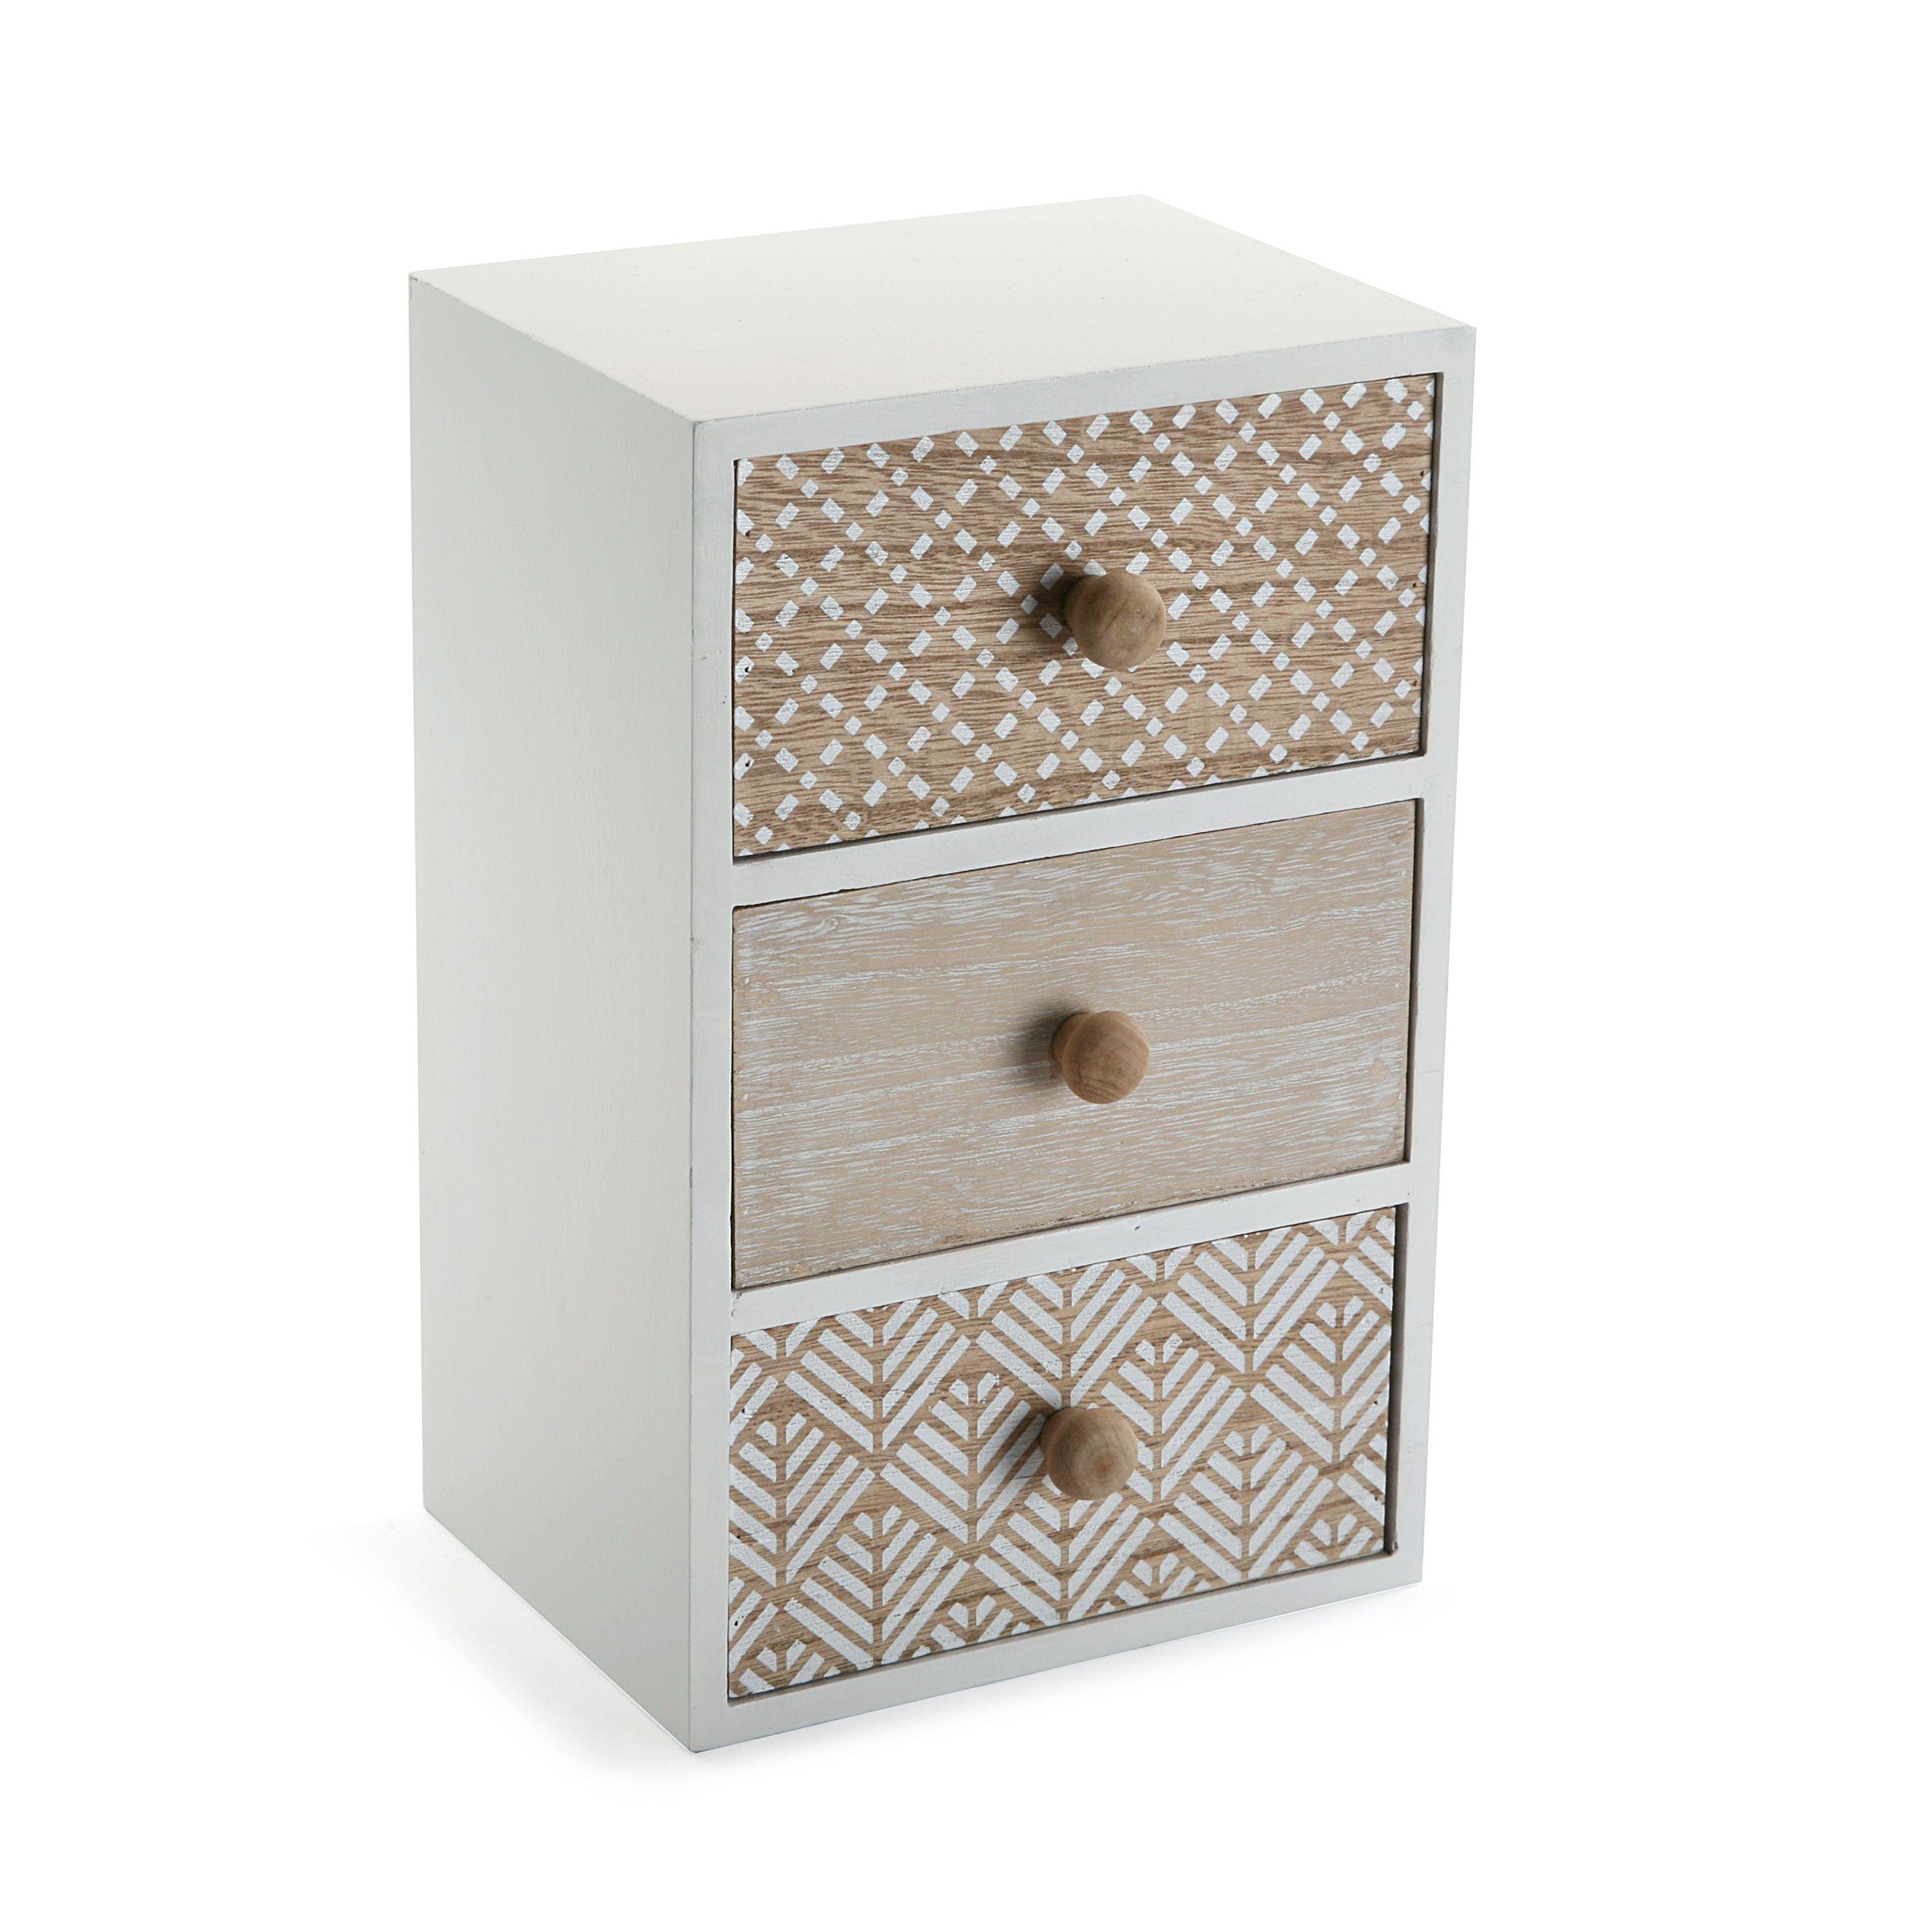 Caja Joyero Con Tres Cajones En Madera Natural Y Blanco